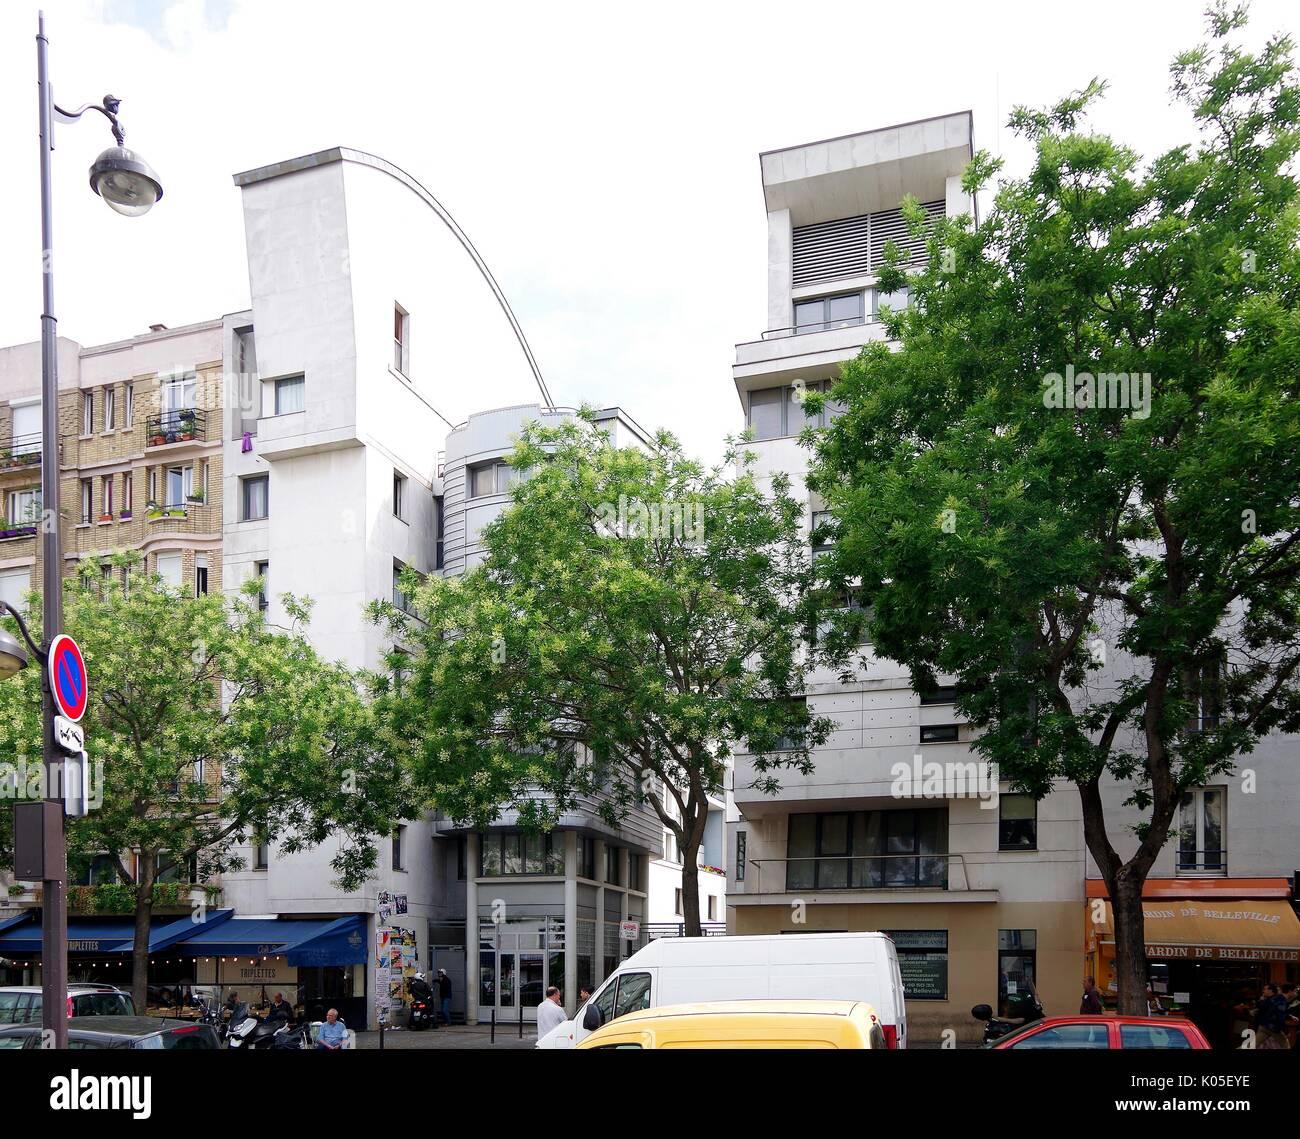 Parigi, Francia, fantasiosa alloggi sociali regime, a Belleville, sfruttando sotto-utilizzati backlands, Foto Stock